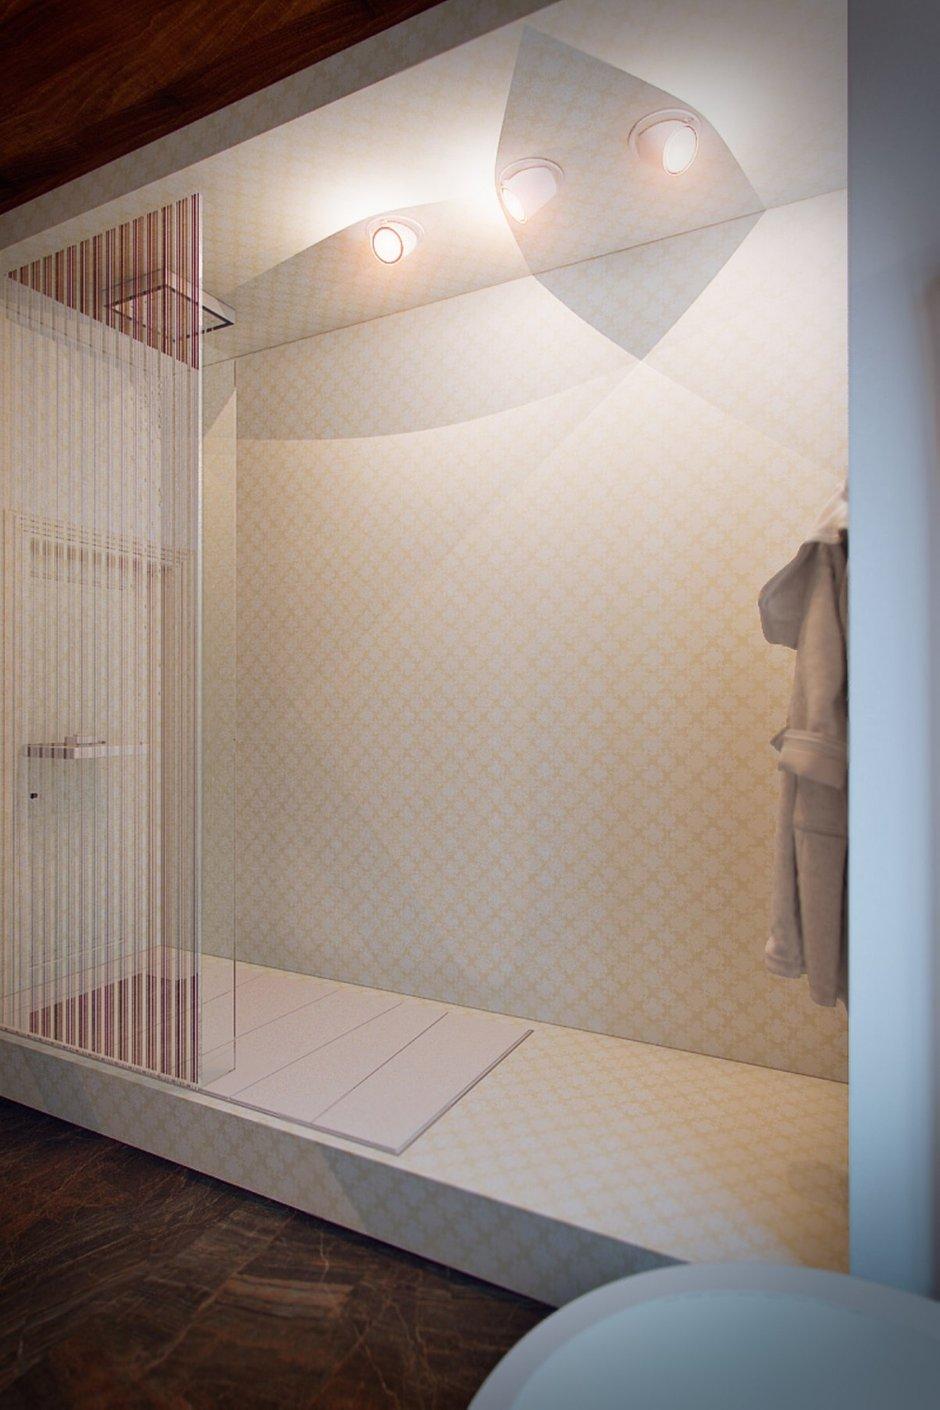 Фотография: Ванная в стиле Лофт, Современный, Дом, Минимализм, Проект недели, Эко – фото на INMYROOM